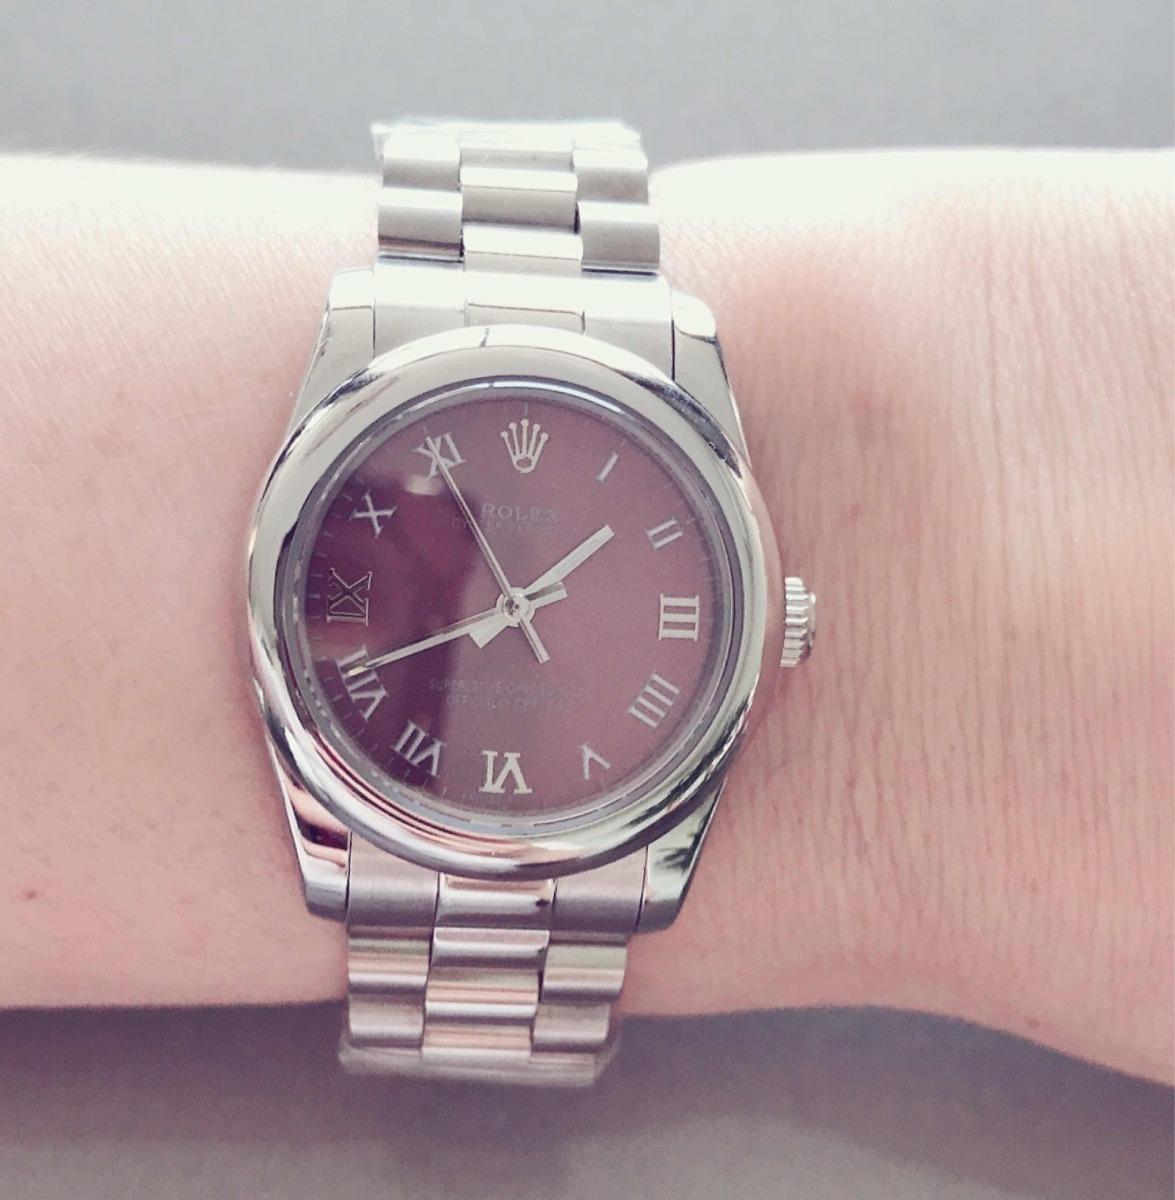 b6dcda0fe30 relógio feminino rolex pulso ( sem caixa ) top réplica. Carregando zoom.